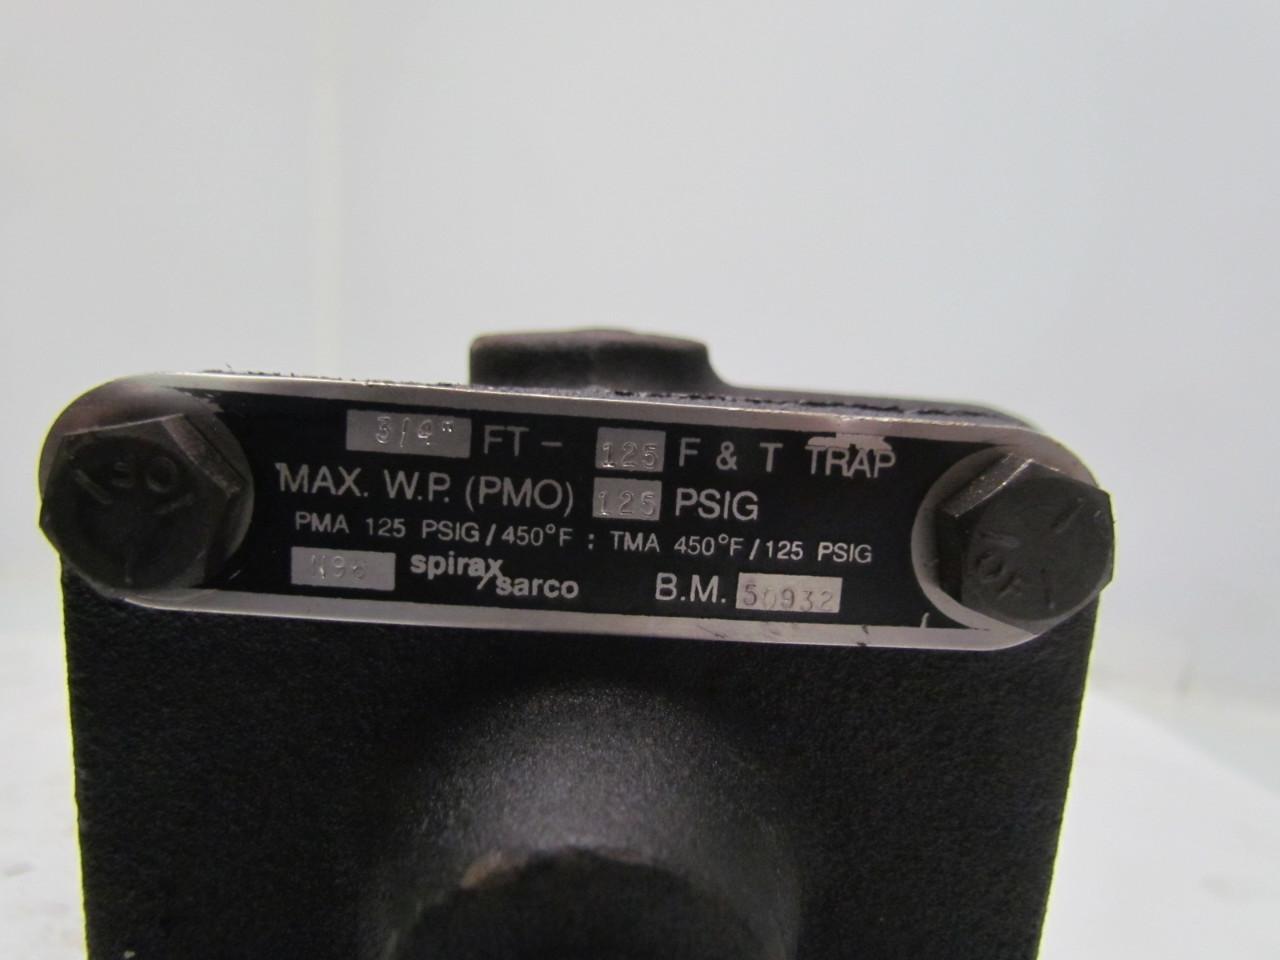 Spirax Sarco B.M. 50932 N96 F&T Steam Trap 3/4FT-125 | eBay